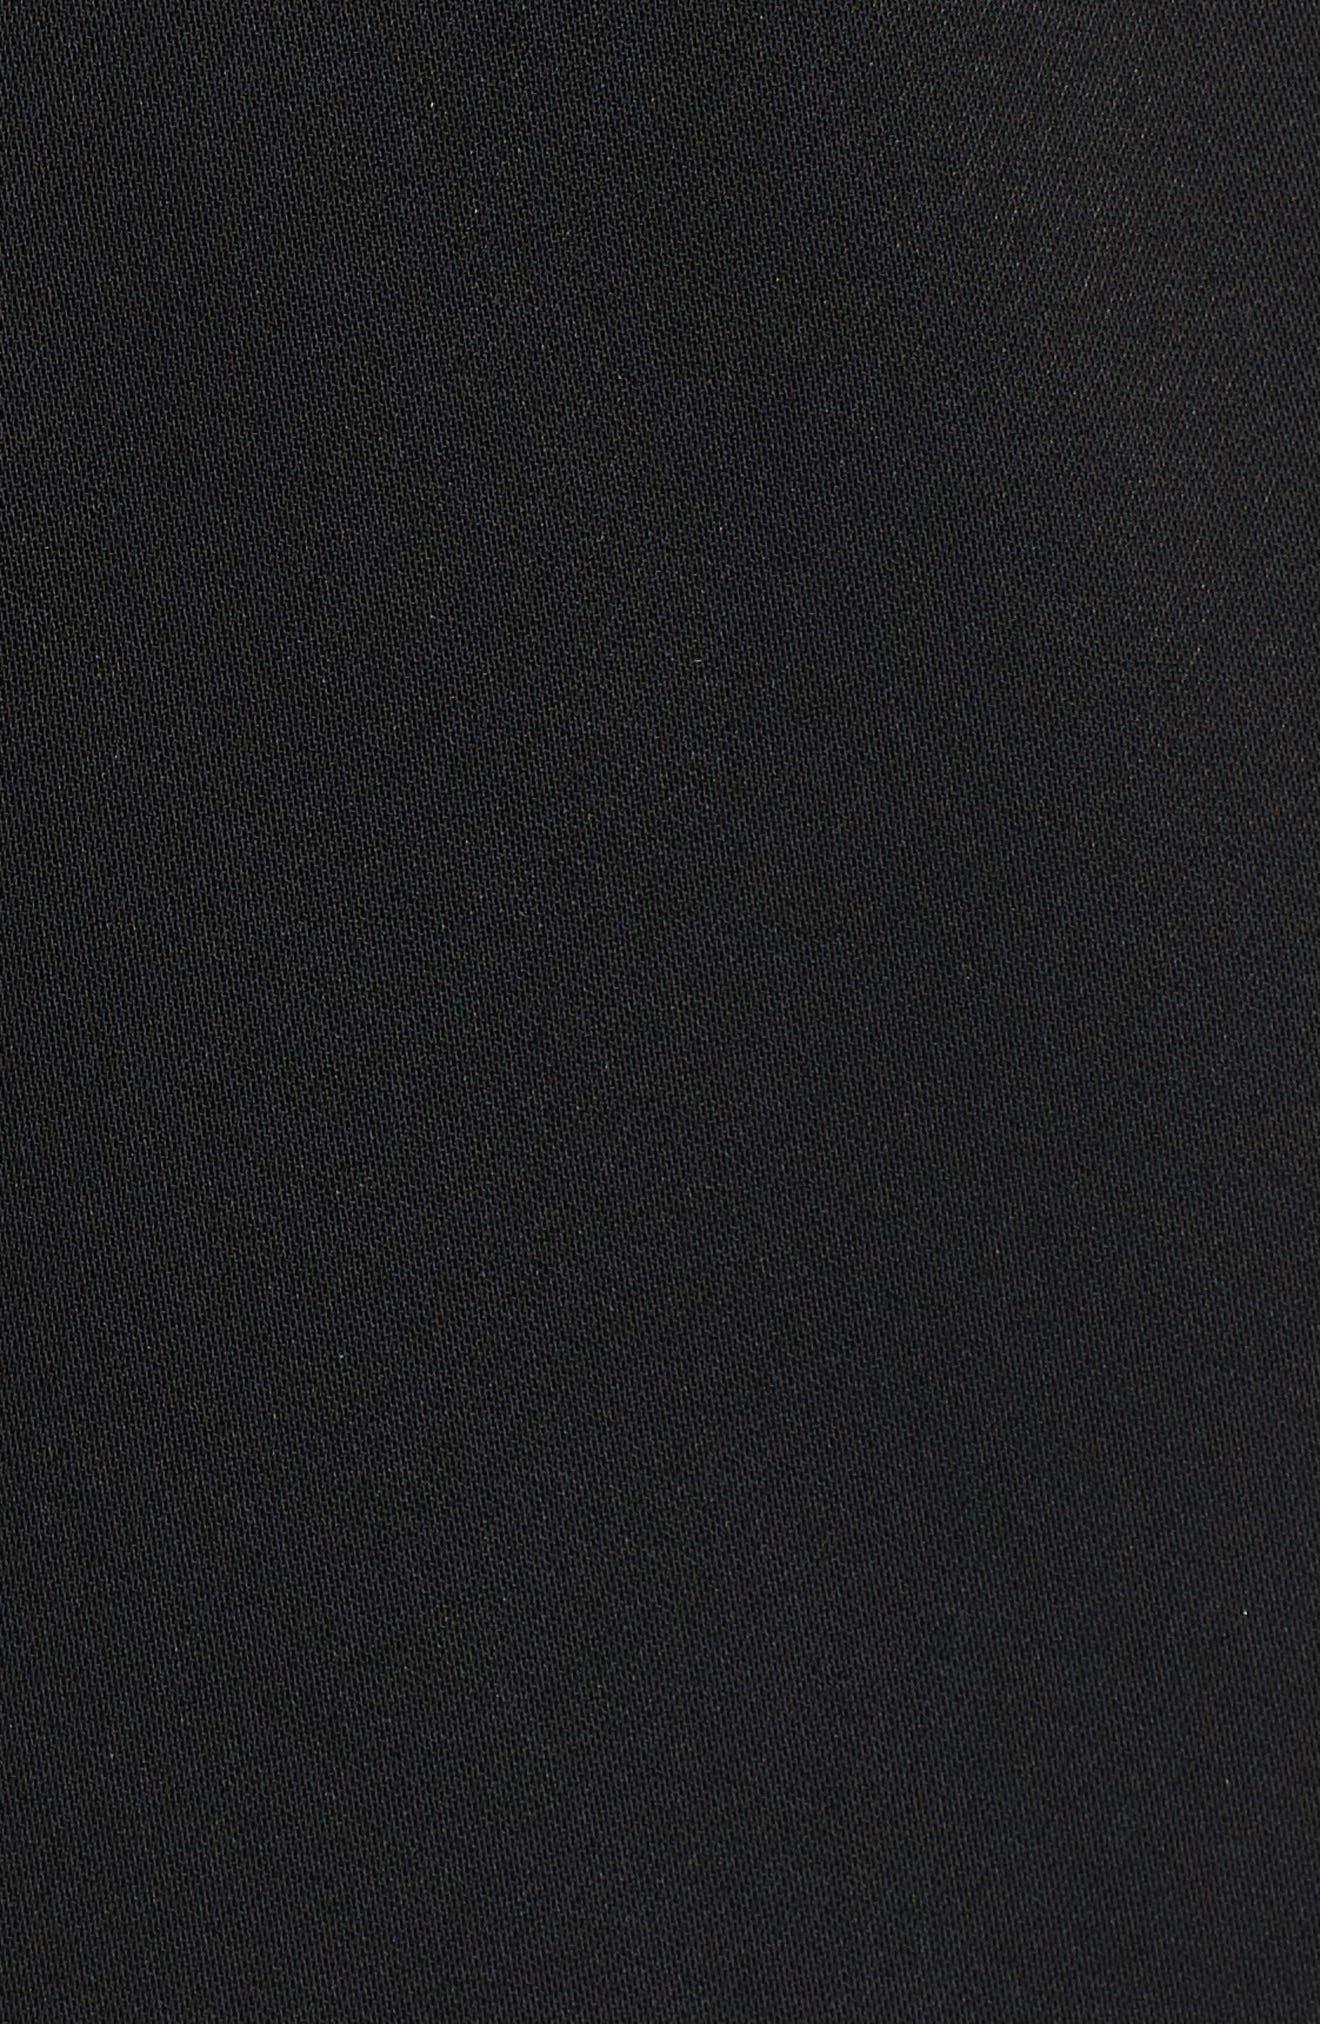 Bell Sleeve Blazer,                             Alternate thumbnail 5, color,                             Black